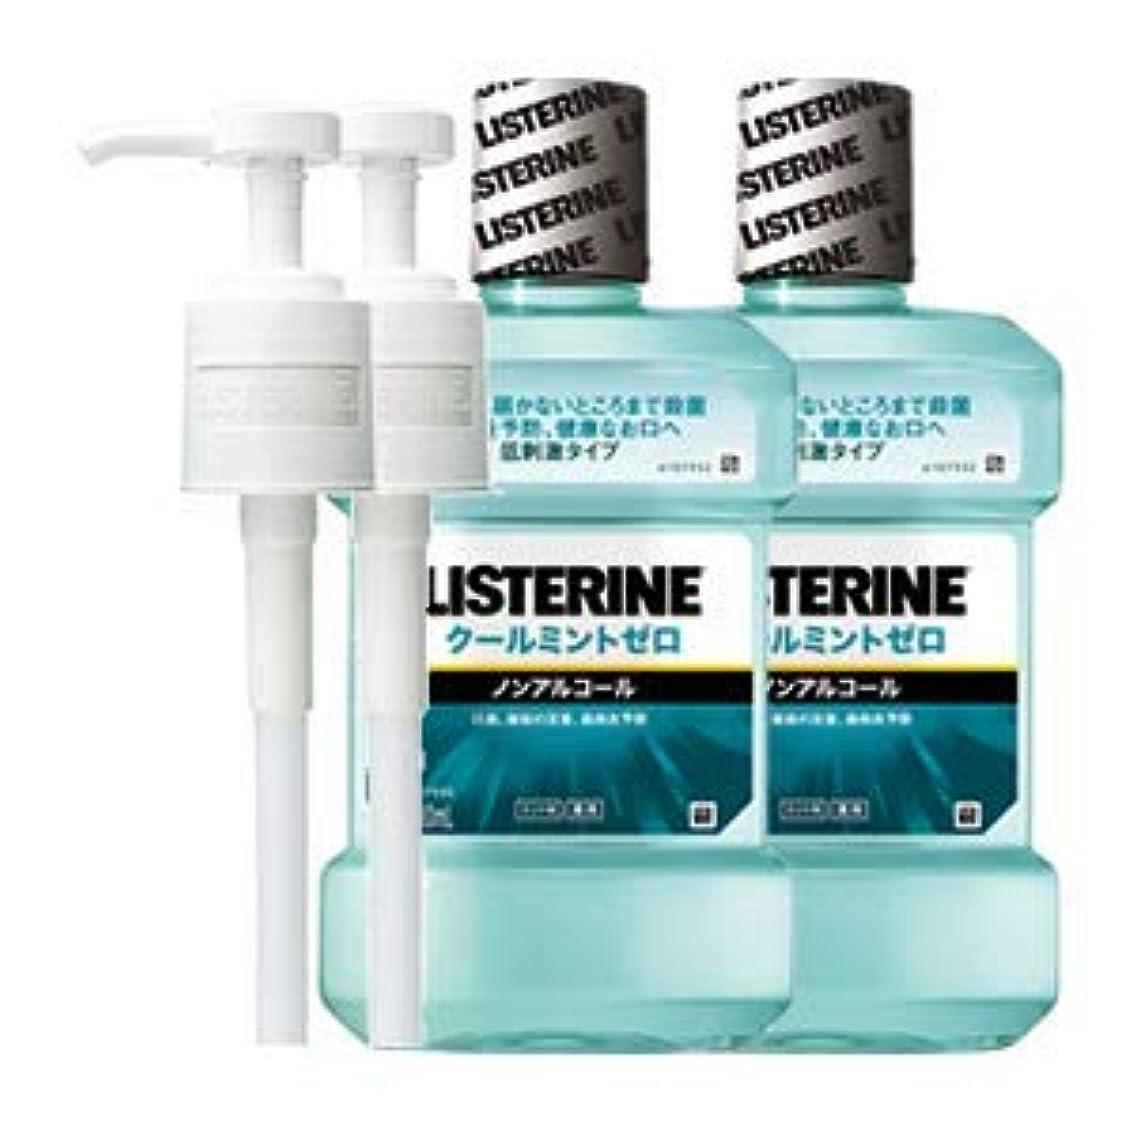 額侵入次薬用 リステリン クールミント ゼロ (マウスウォッシュ/洗口液) 1000mL 2点セット (ポンプ付)